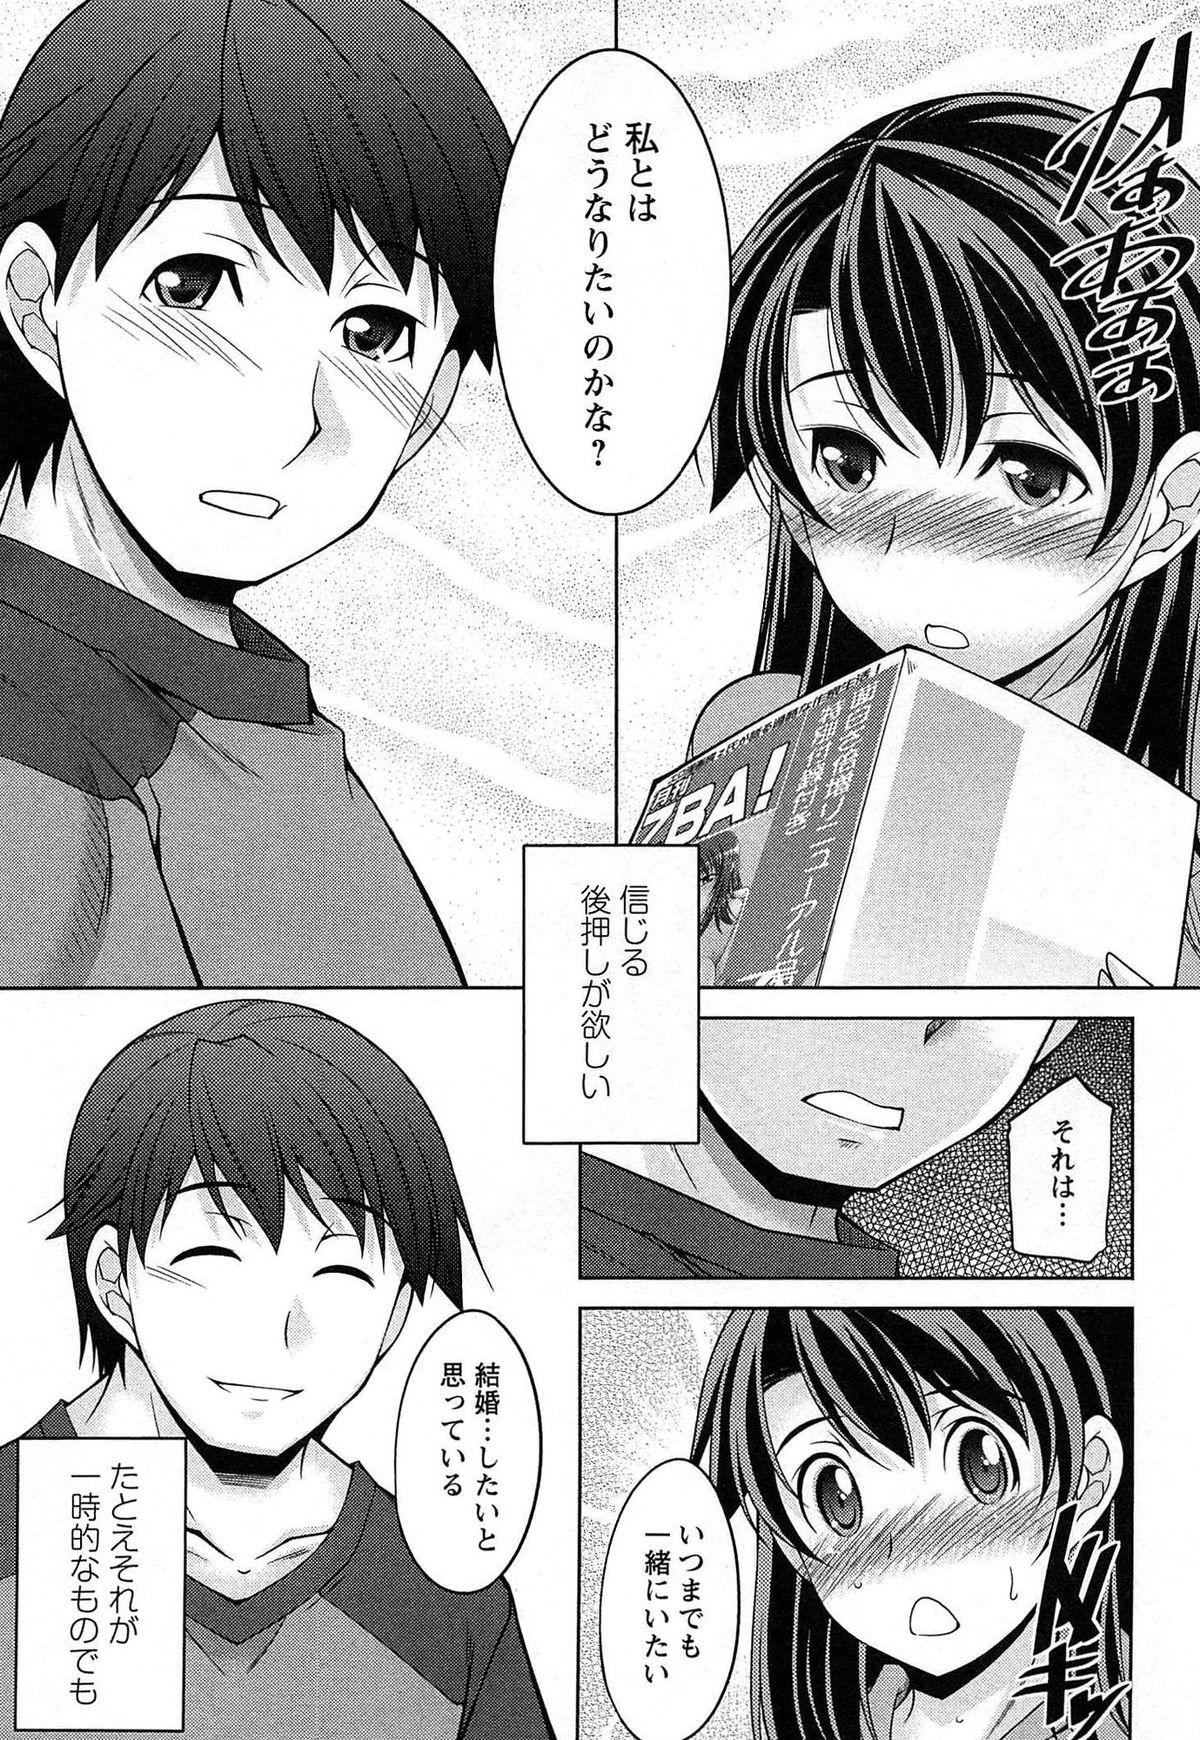 [zen9] Tsuki-wo Ai-Shite - Tsuki-ni Koi-shite 2 111